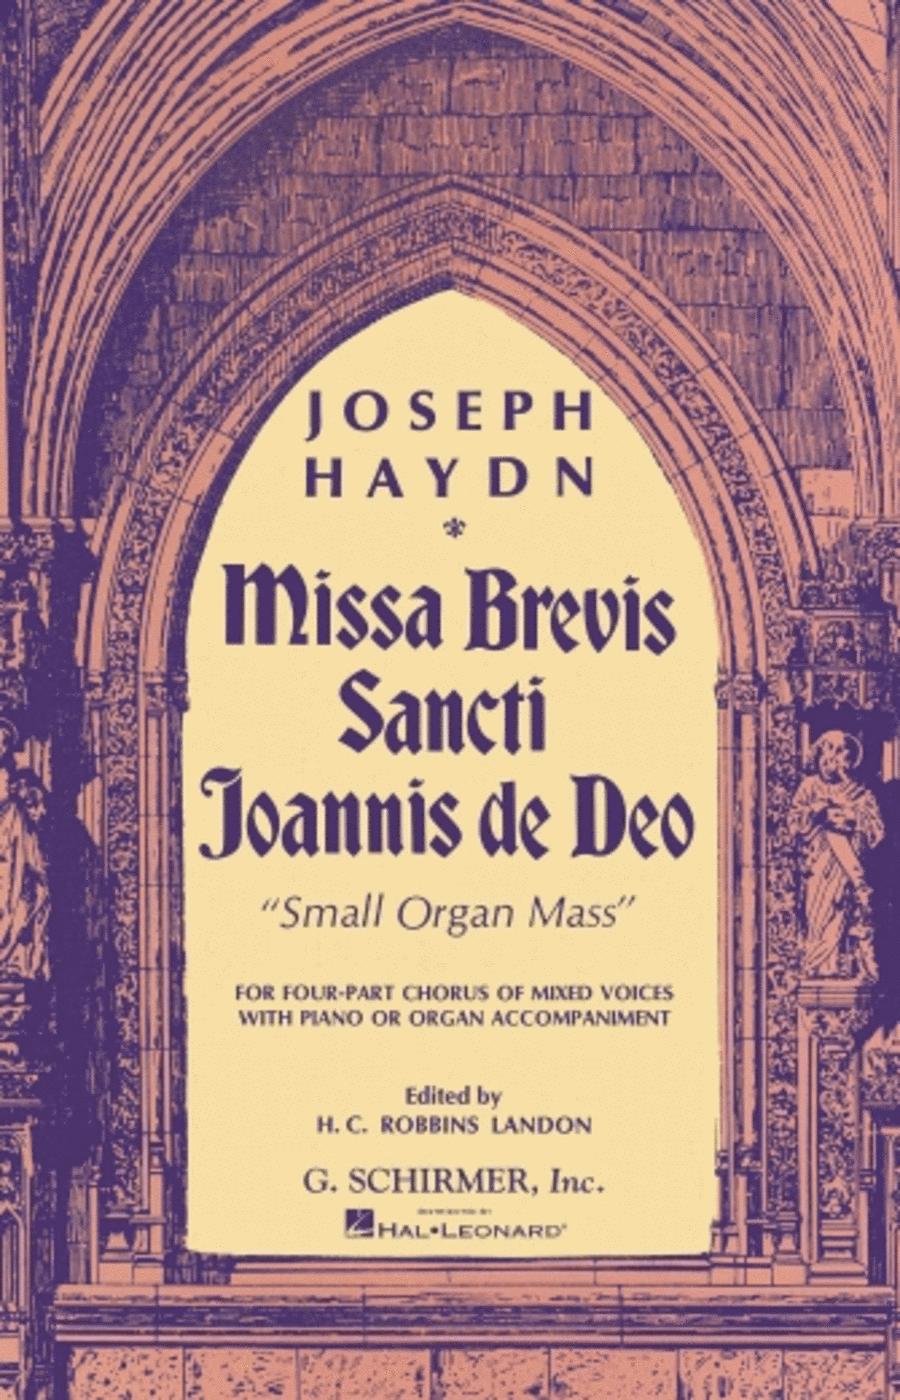 Missa Brevis Sancti Joannis de Deo